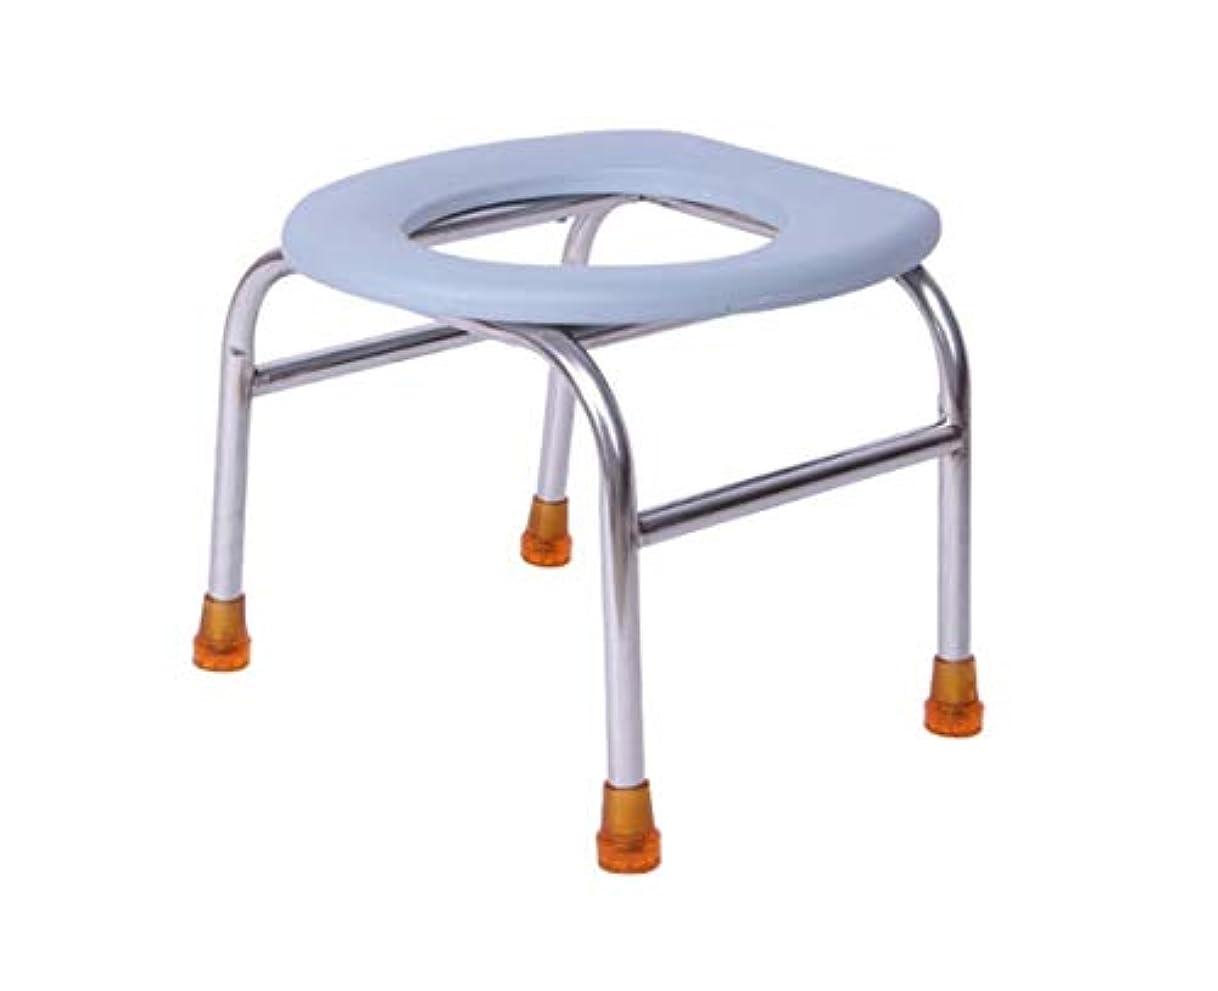 の頭の上降臨それ滑り止めの便座スツール、高齢者の障害のある妊娠中の女性に適した高齢者の補助浴室の椅子